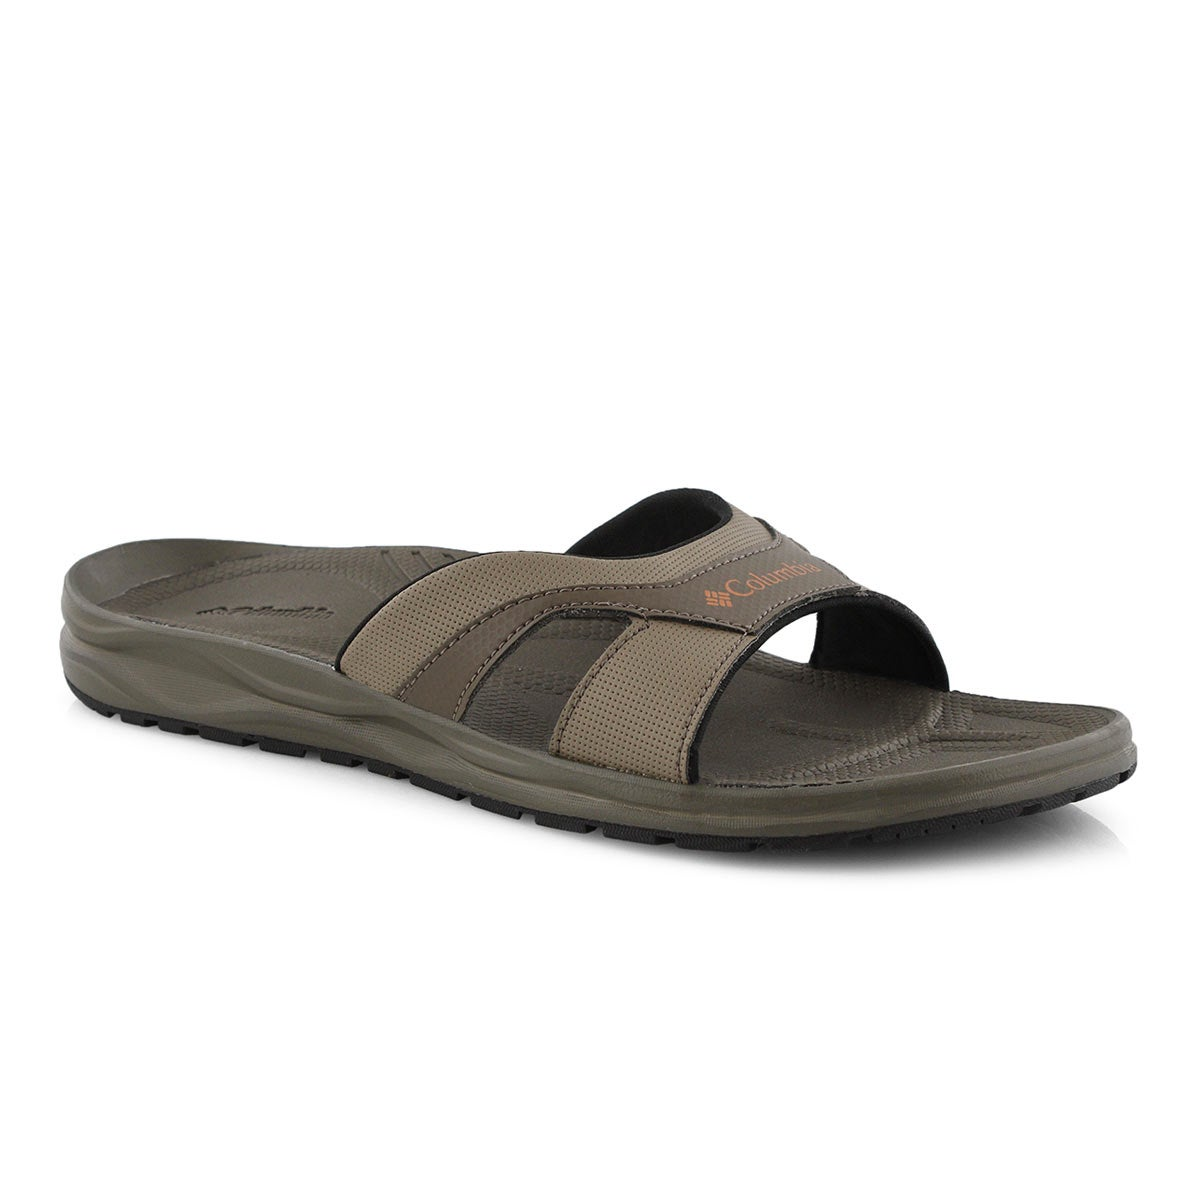 Mns Wayfinder Slide mud/copper sandal